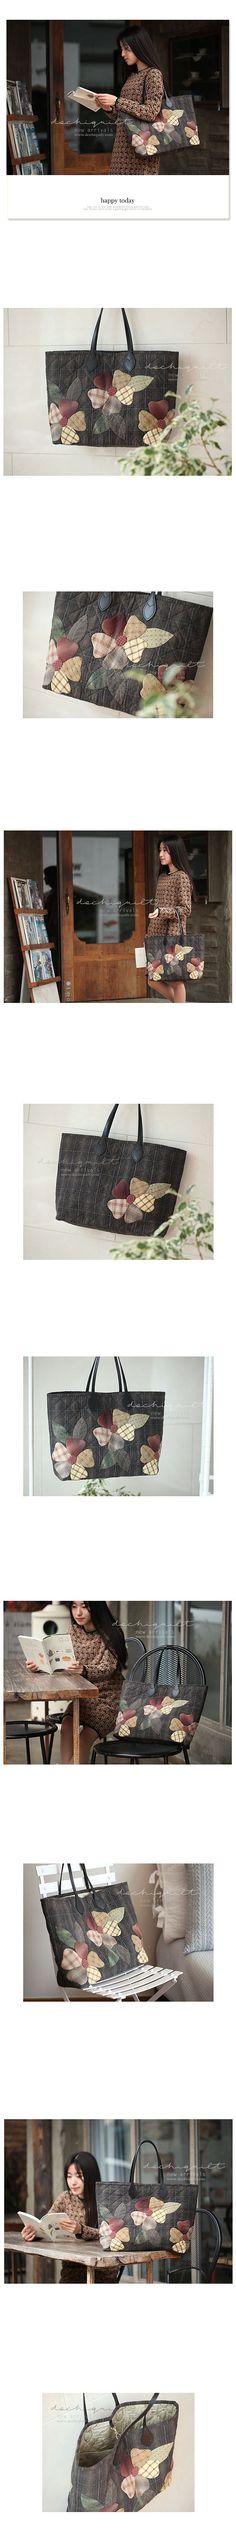 [큰꽃 쇼퍼백]